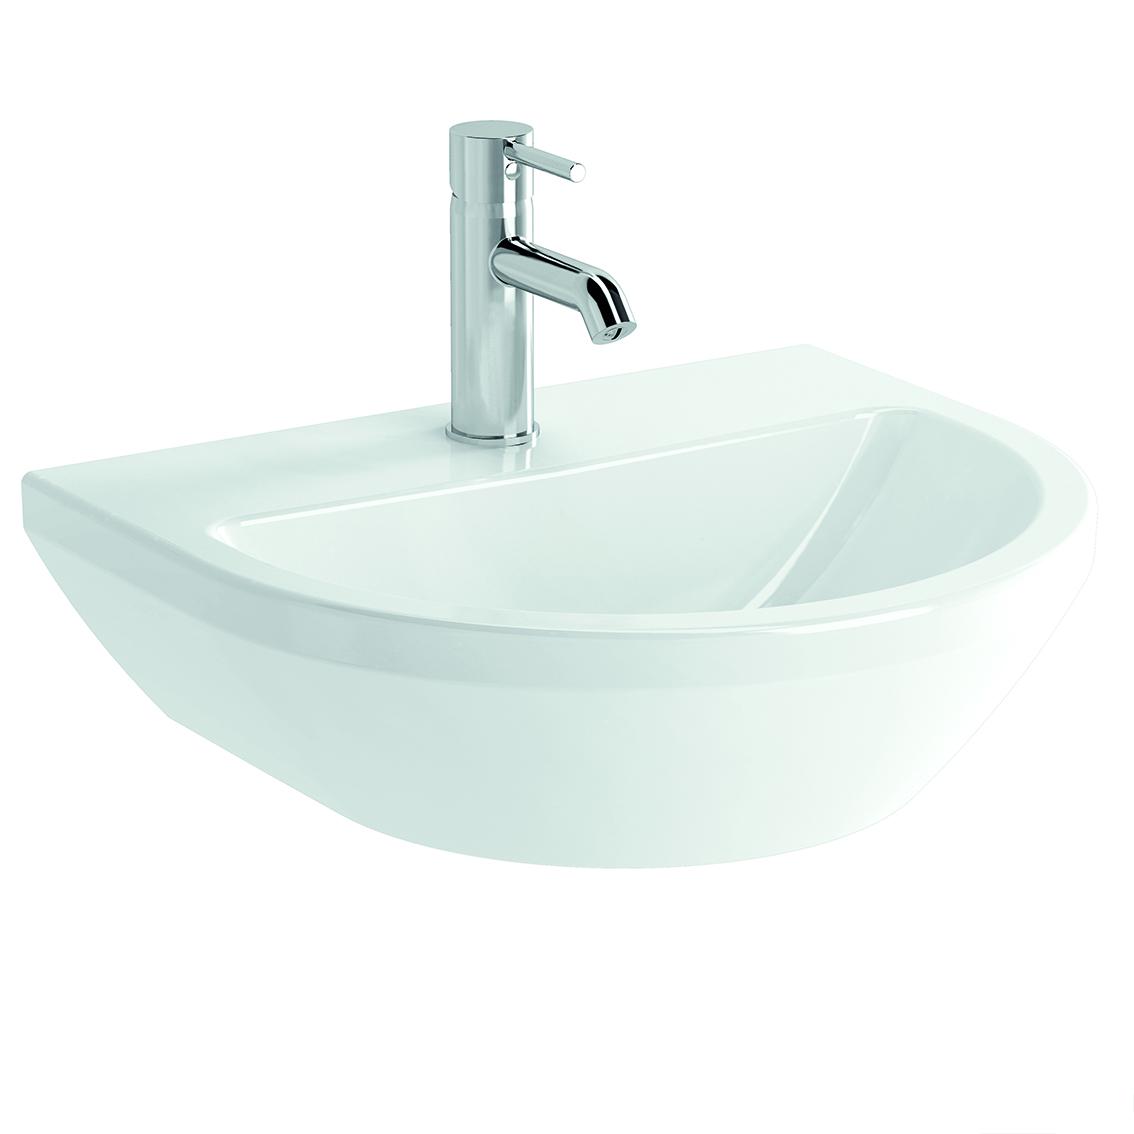 Integra Waschtisch, 50 cm, rund, mit Hahnloch, ohne Überlaufloch, Weiß, VitrA Clean